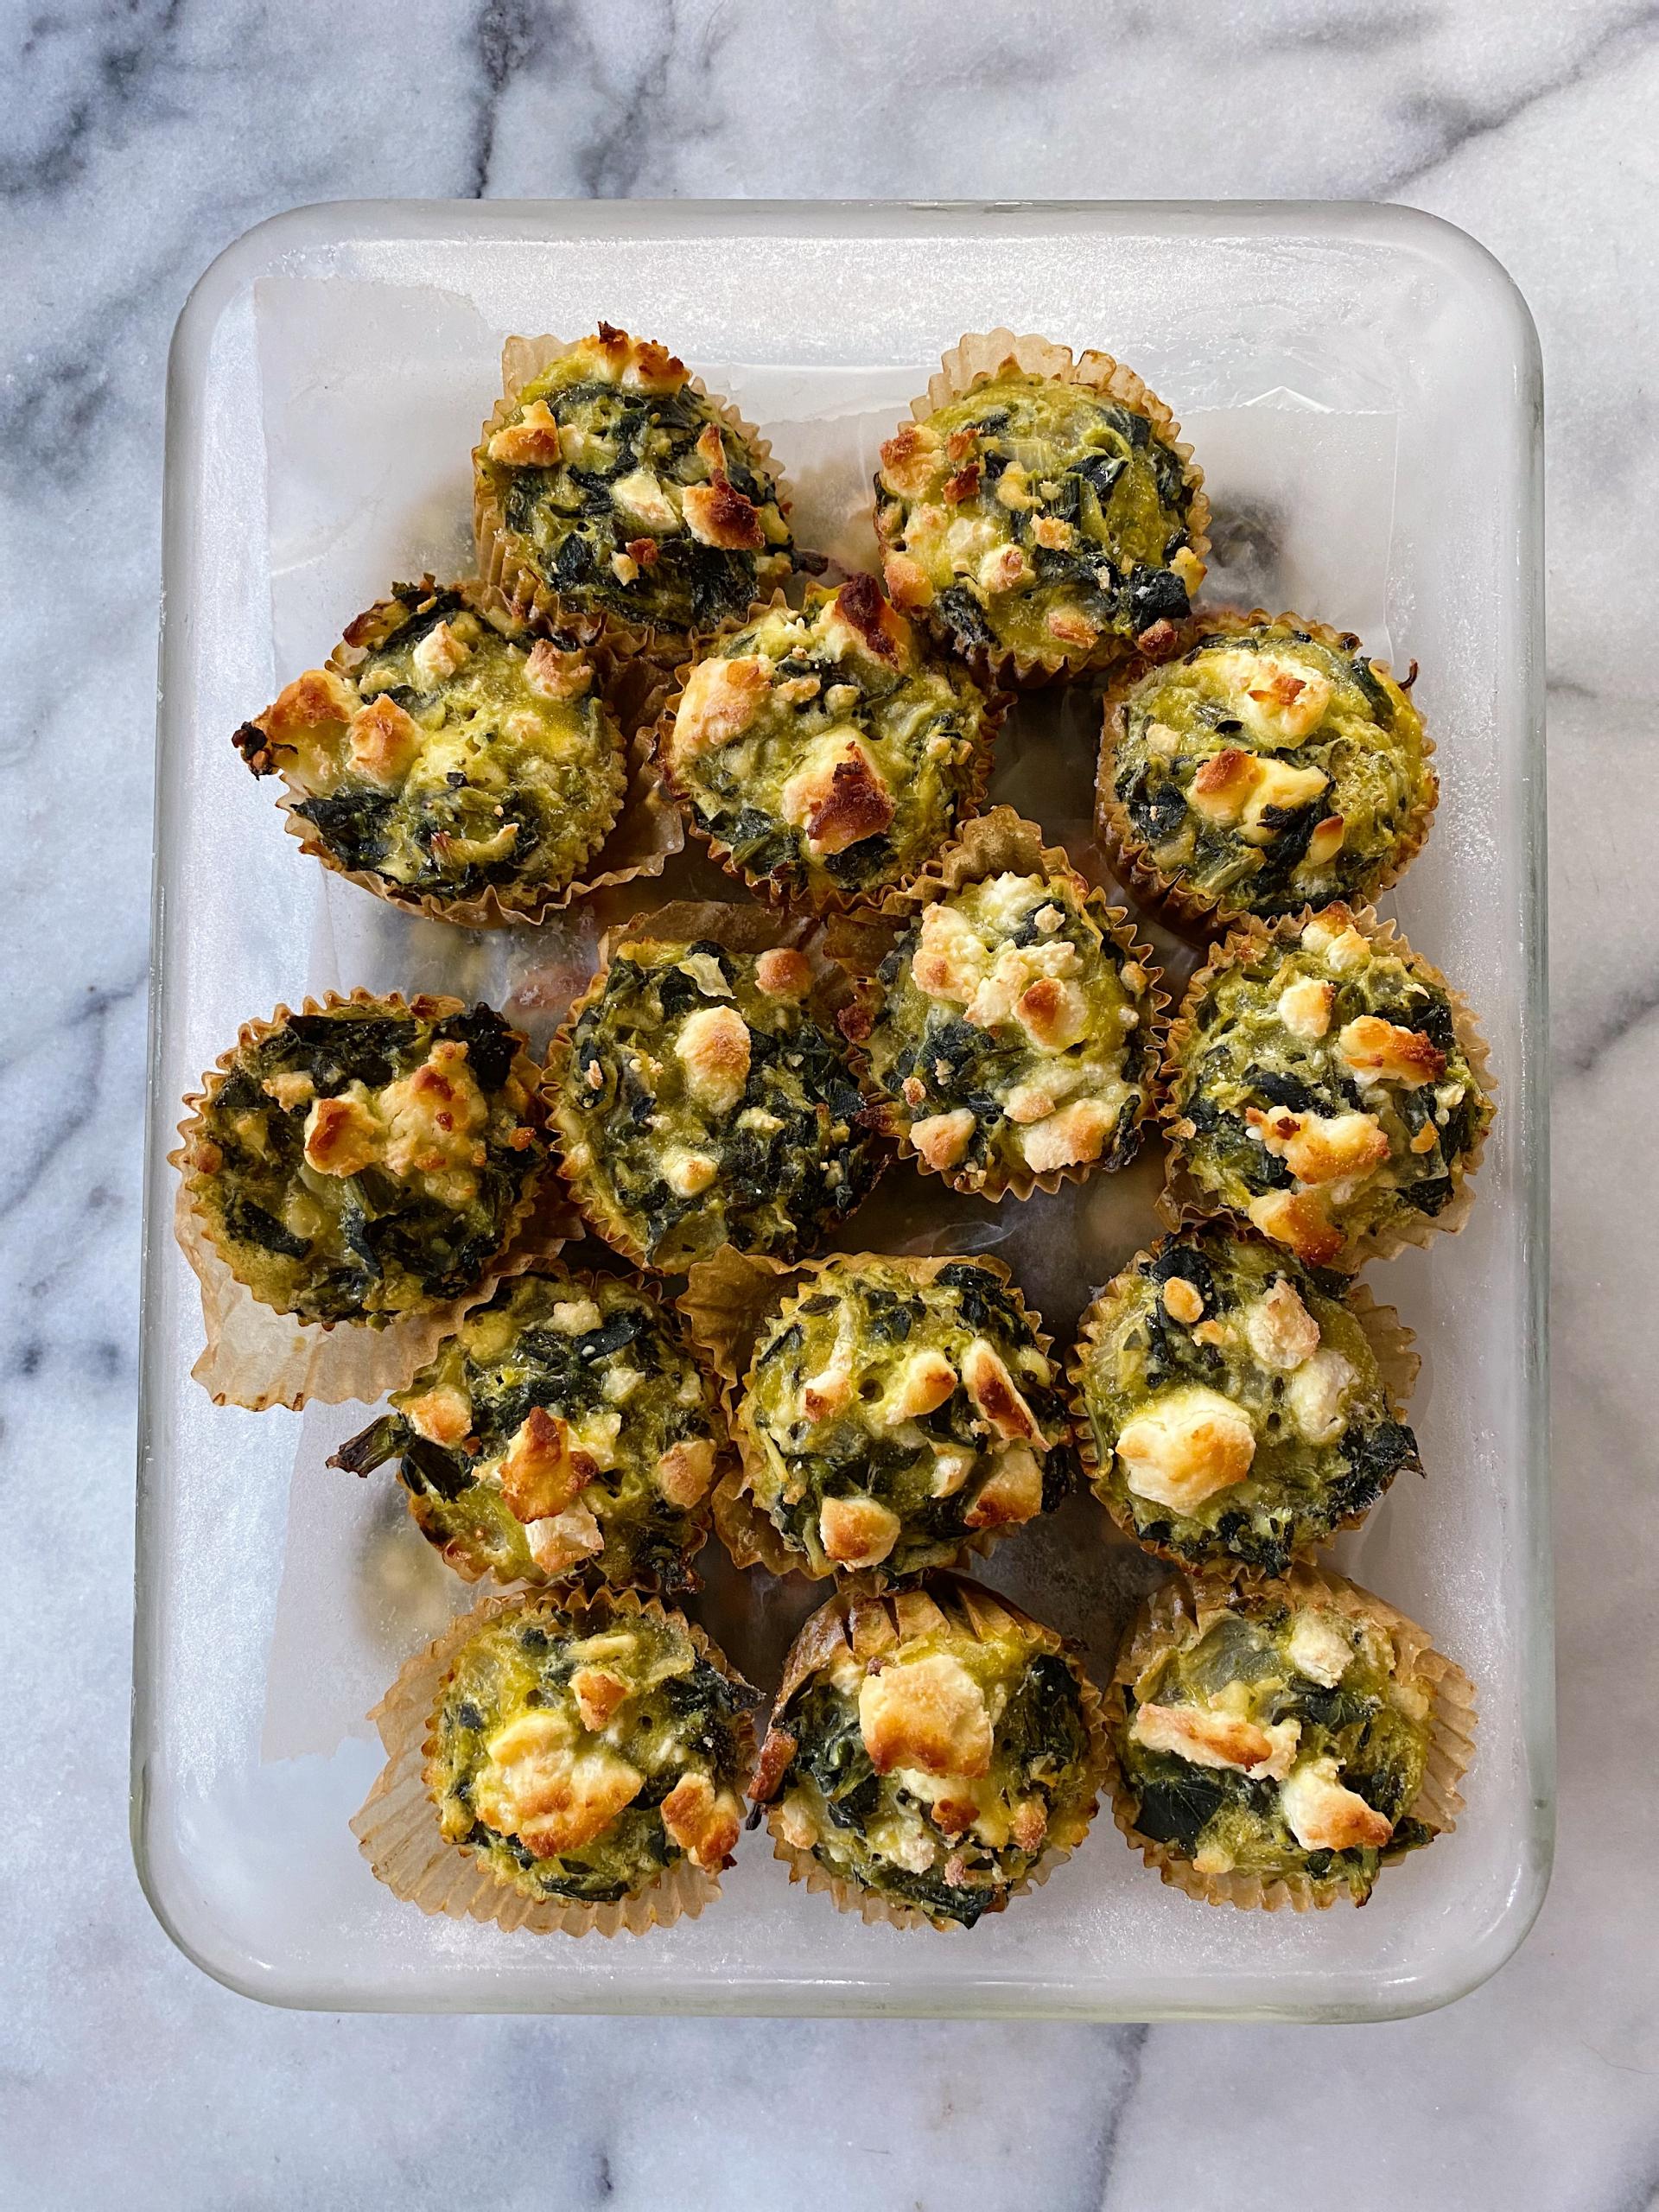 Spinach Pie Bites gluten free #glutenfree #glutenfreerecipes www.healthygffamily.com